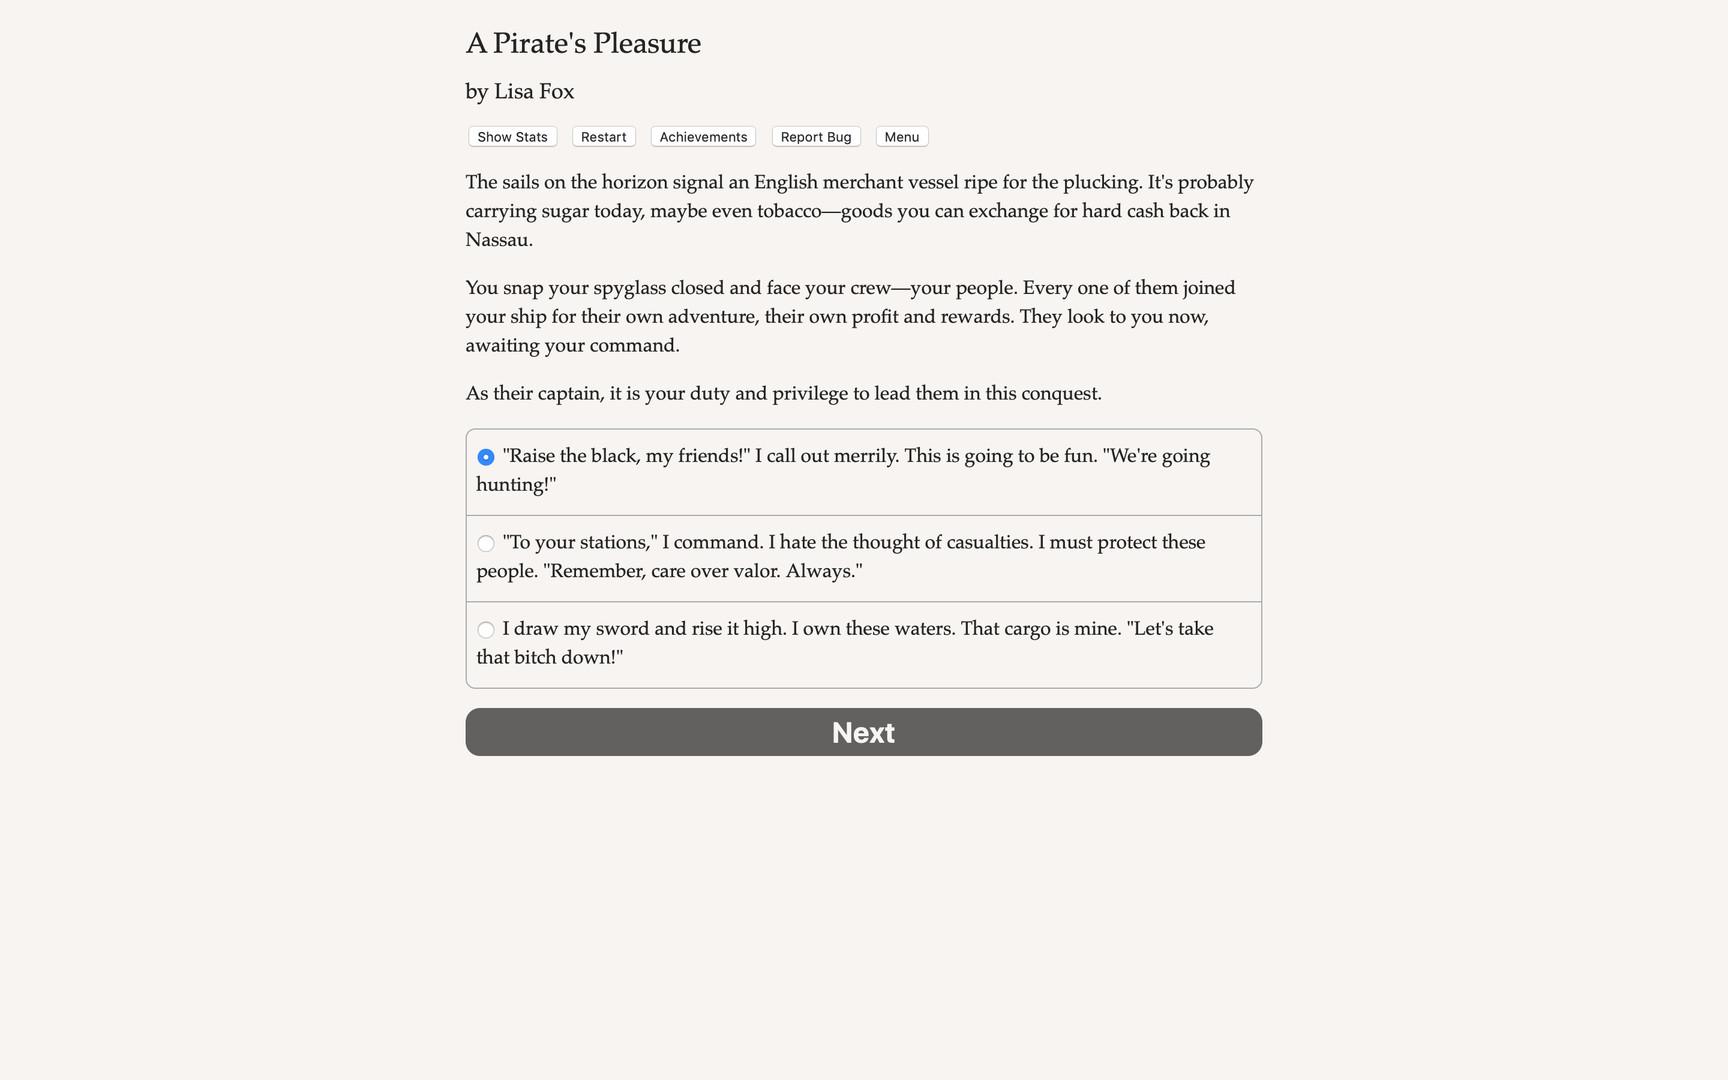 A Pirate's Pleasure Free Download